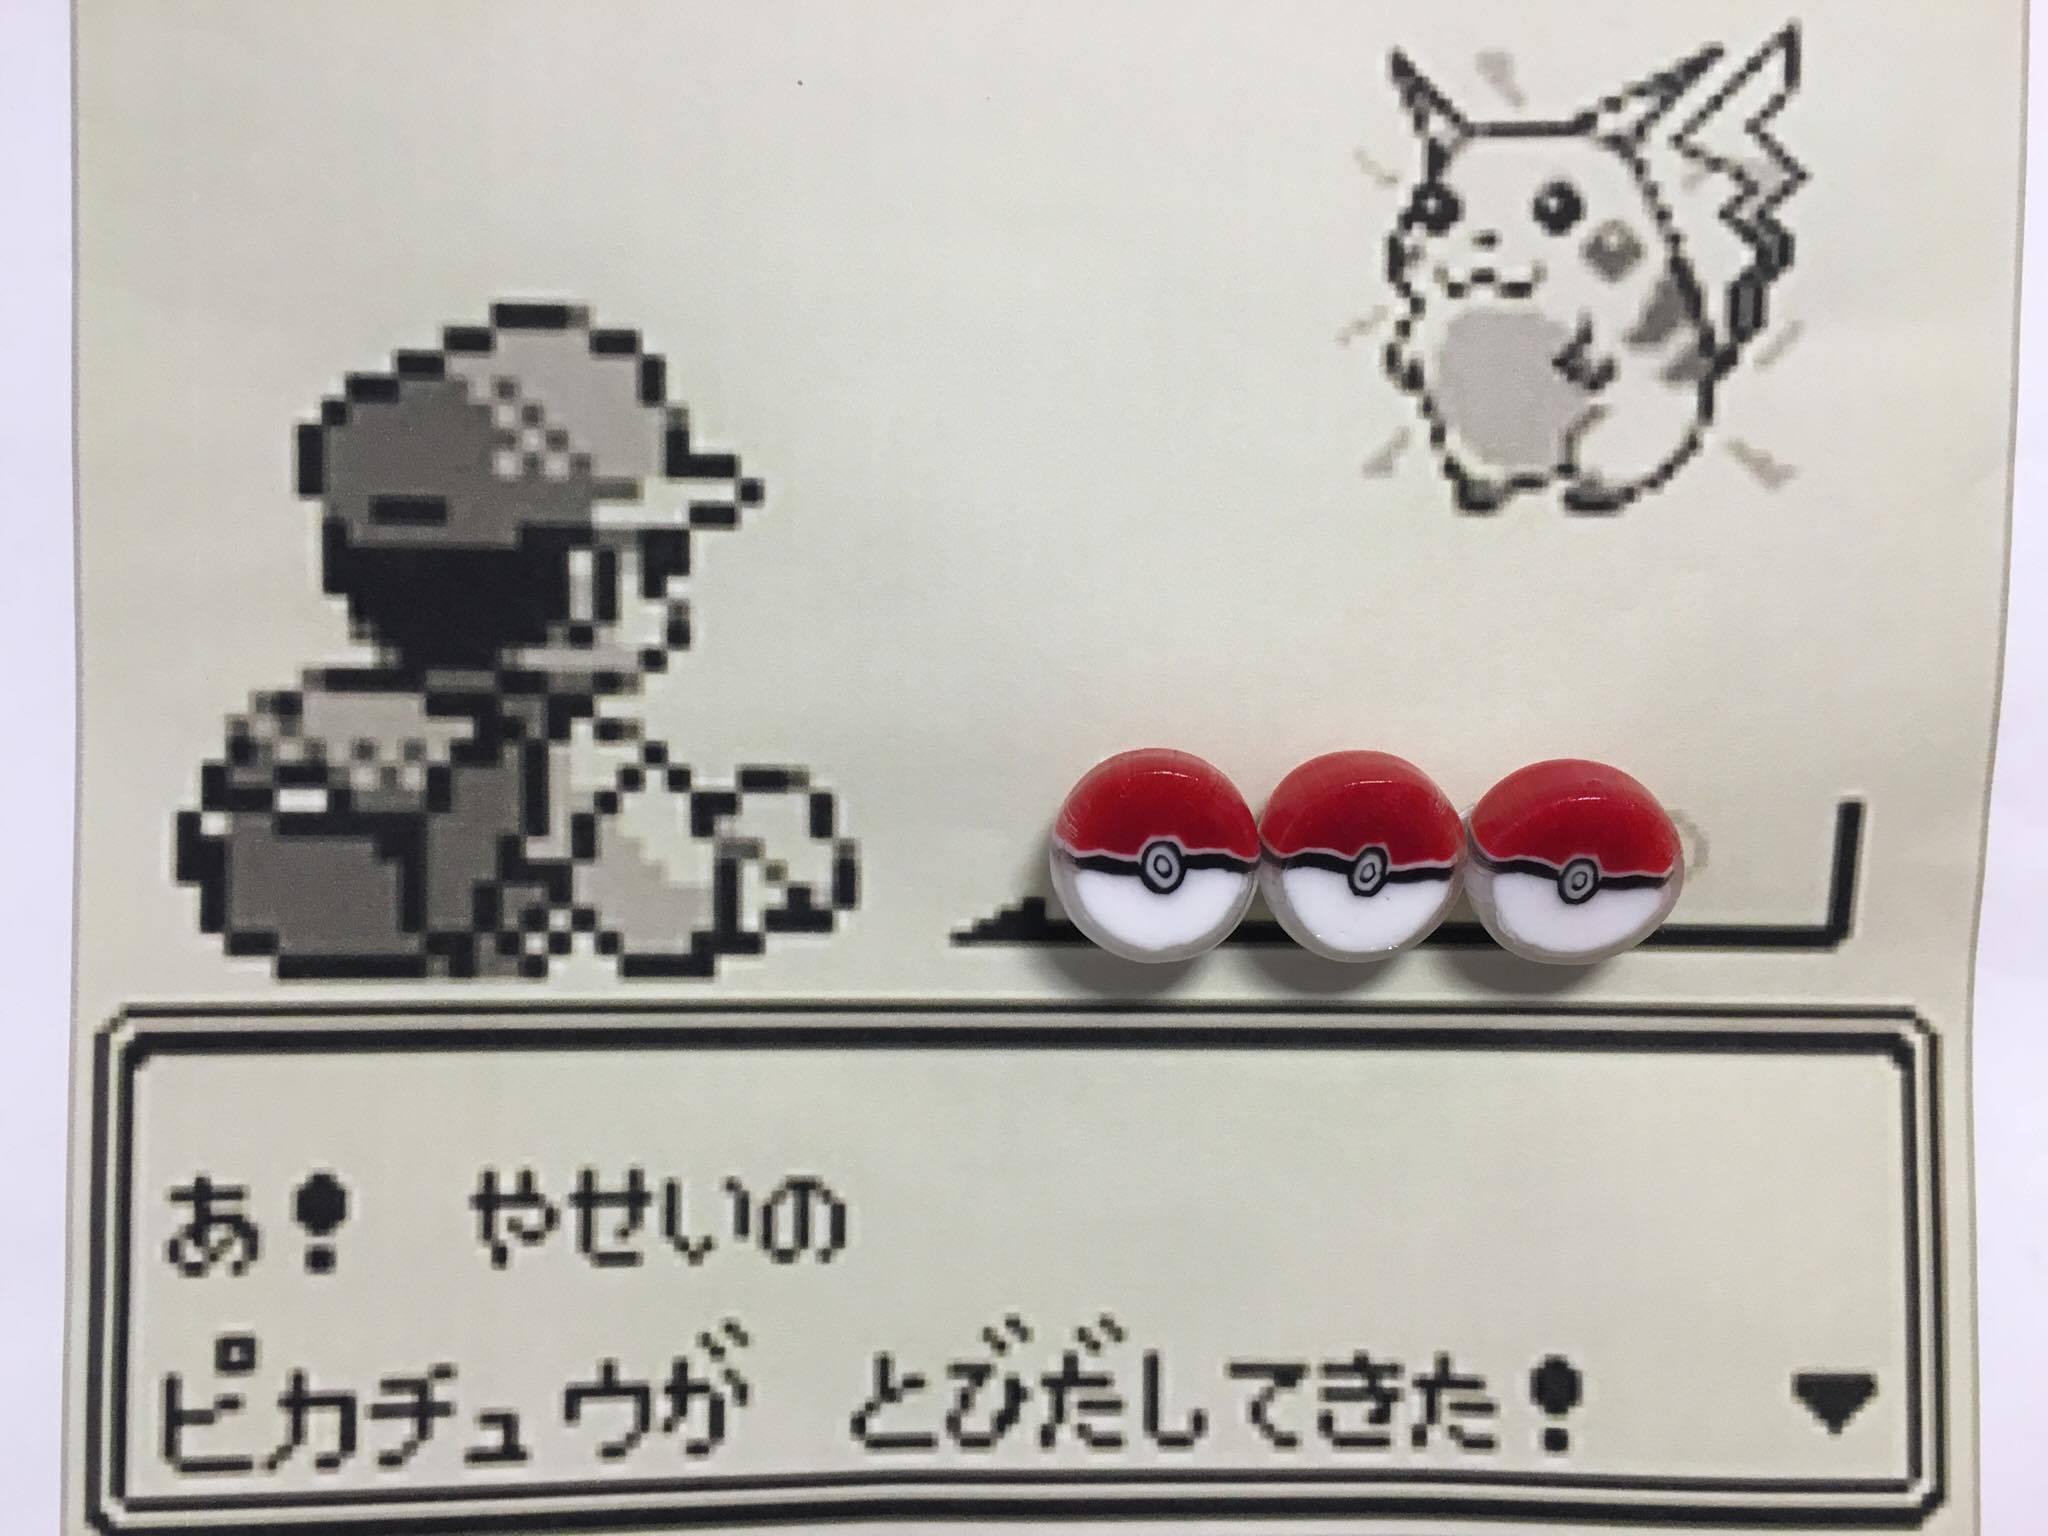 http://design.myame.jp/upload/images/13720530_1251686458198406_1715611816_o.jpg